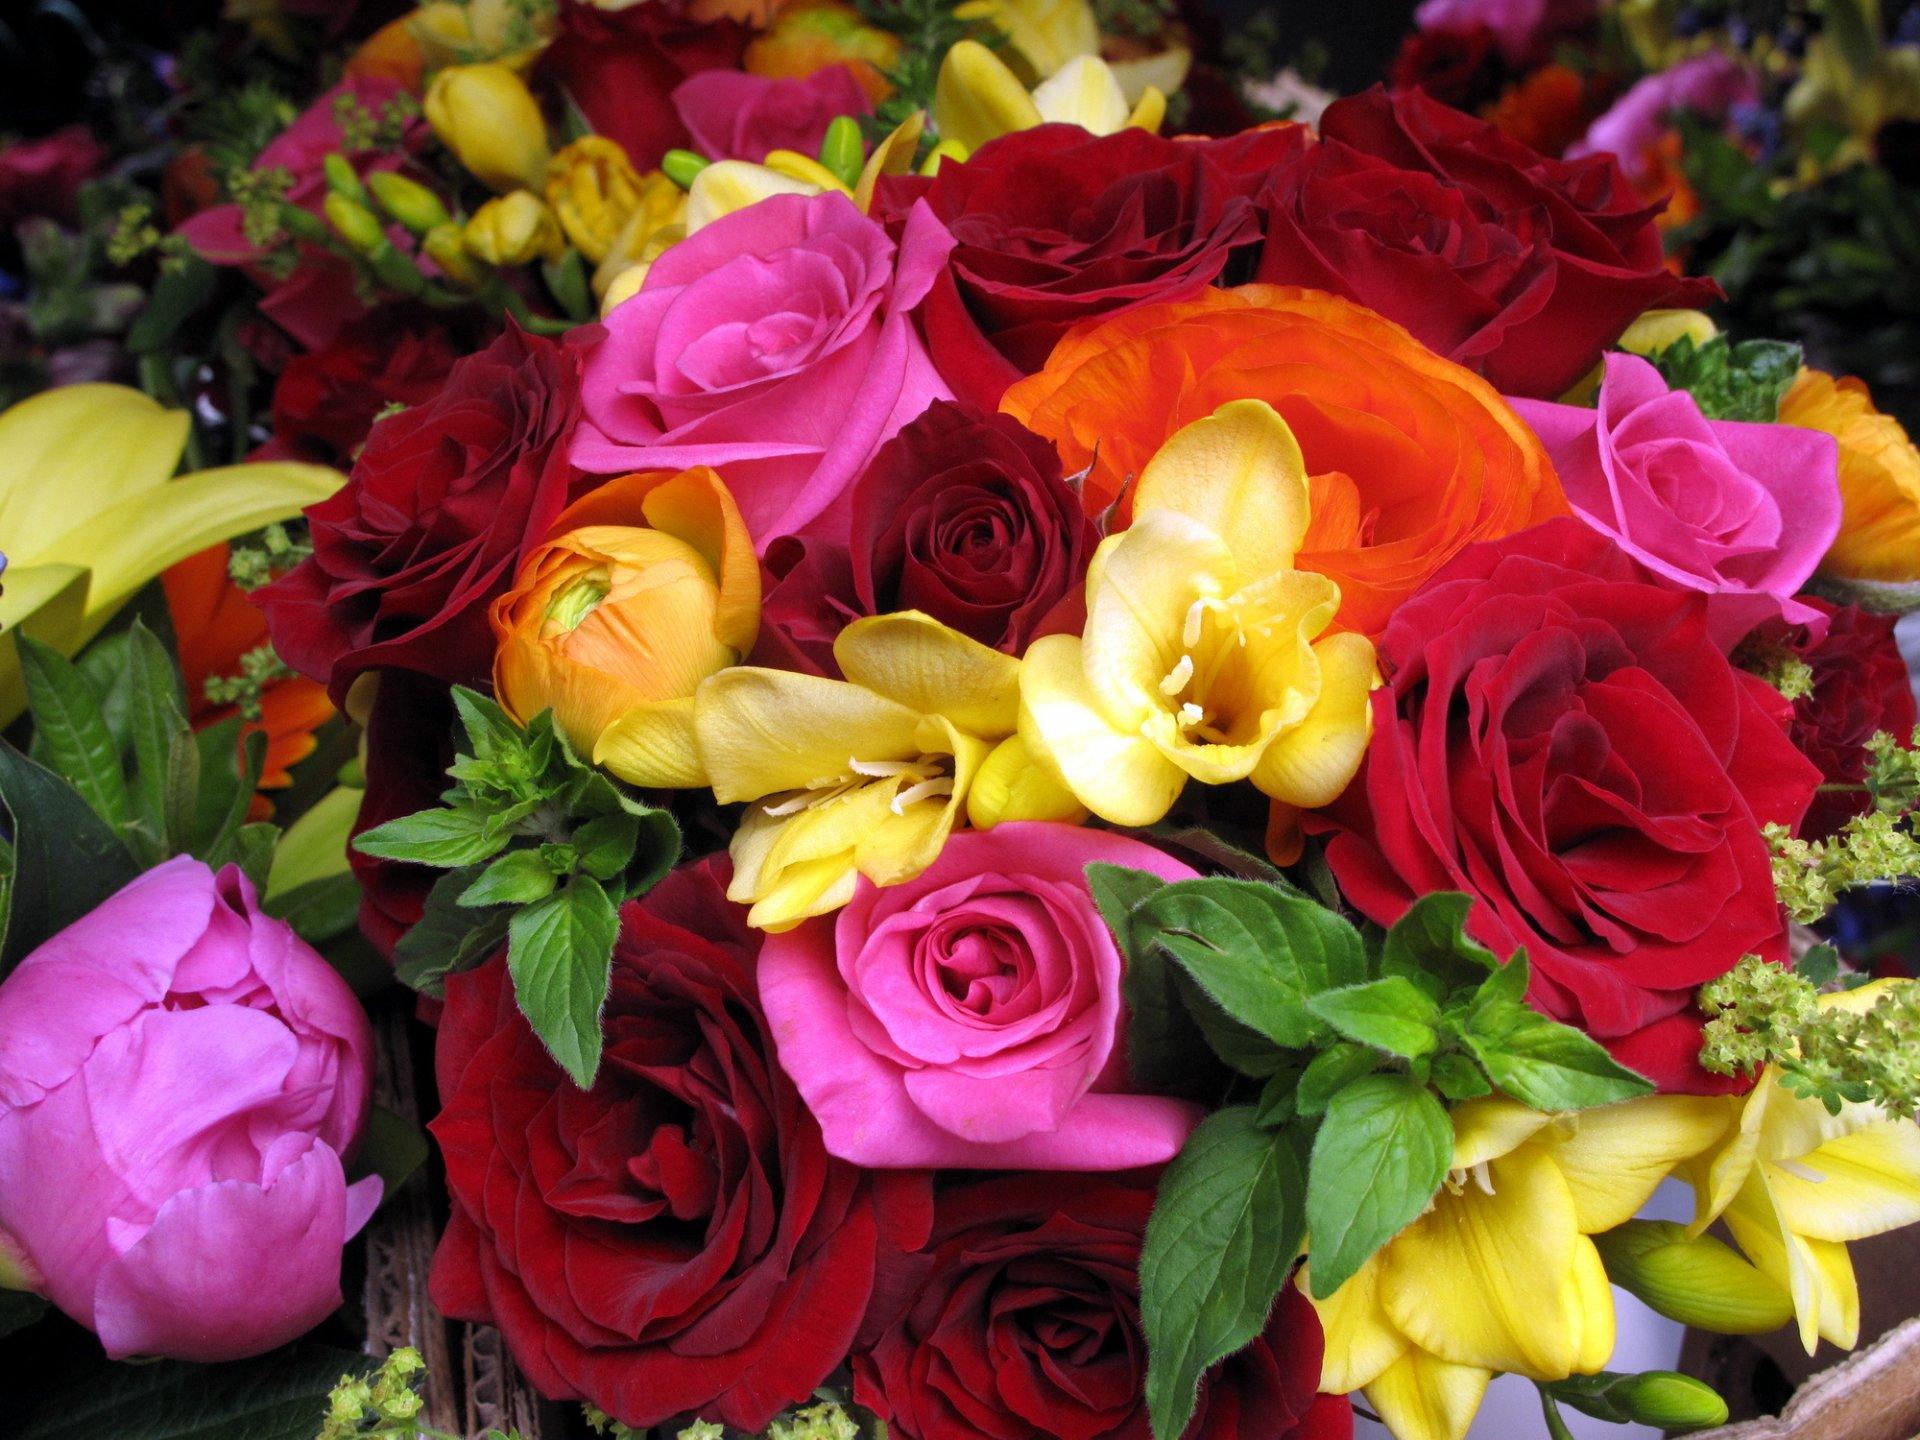 найти красивые фото цветов на первое сотейнике